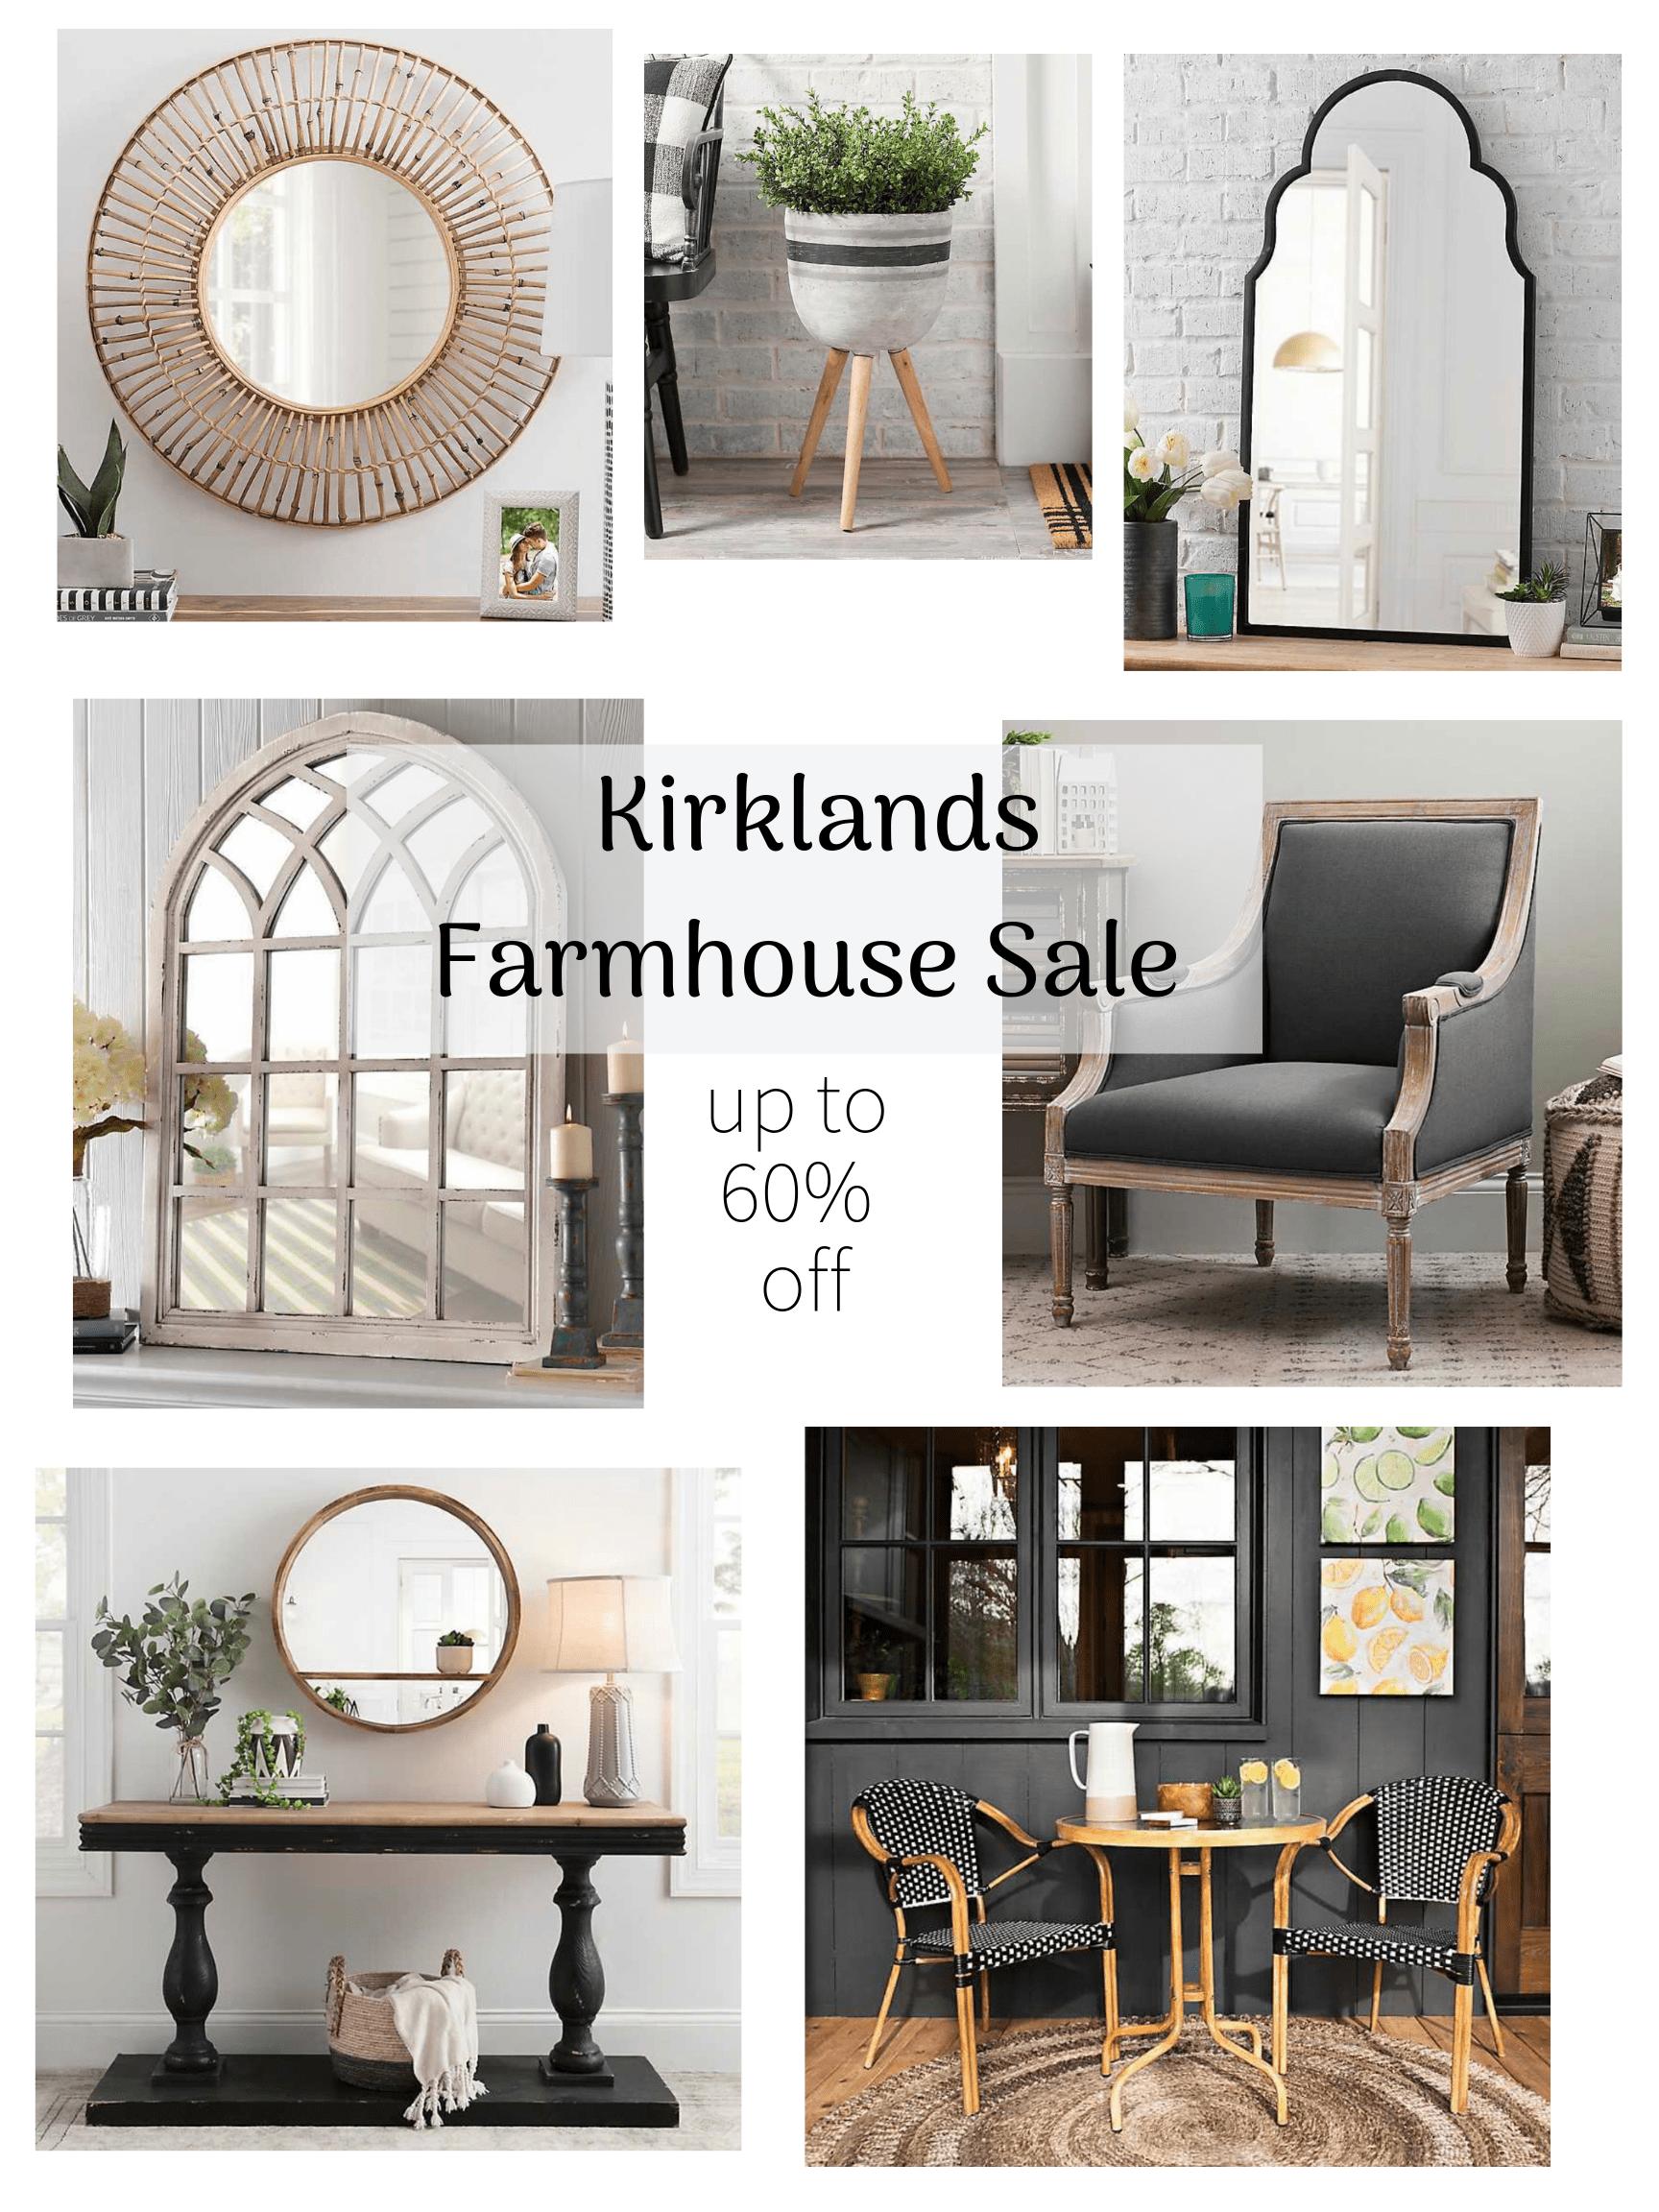 Kirklands Farmhouse Sale - Cirque du SoLayne on Kirkland's Decor Home Accents id=76442